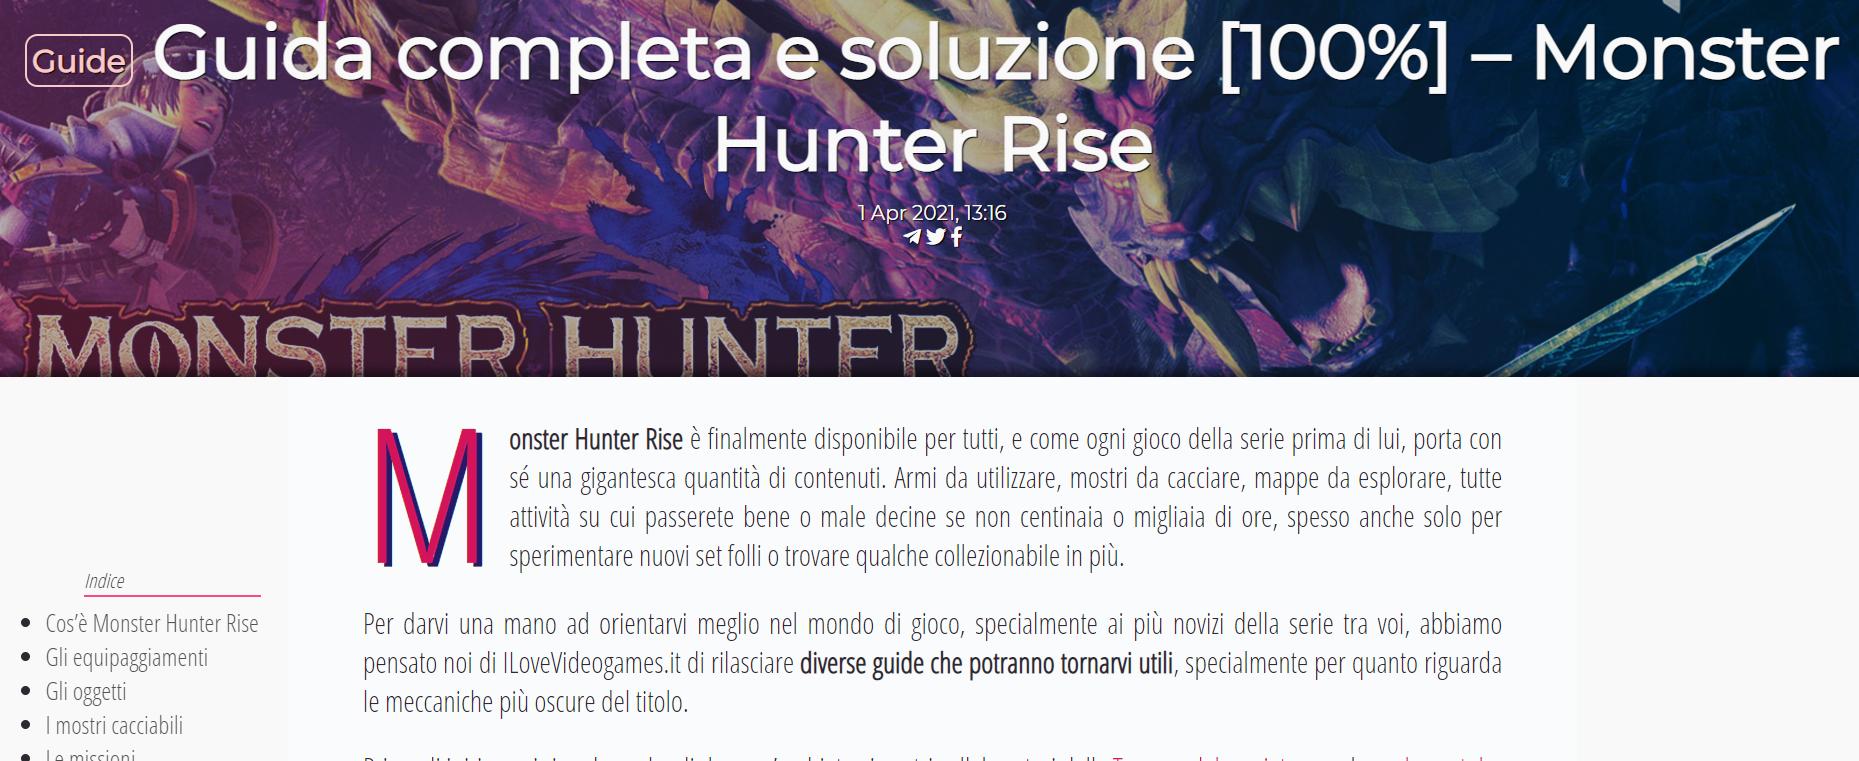 Incipit del contenuto Guida completa e soluzione Monster Humter Rise dal sito ilovevg.it